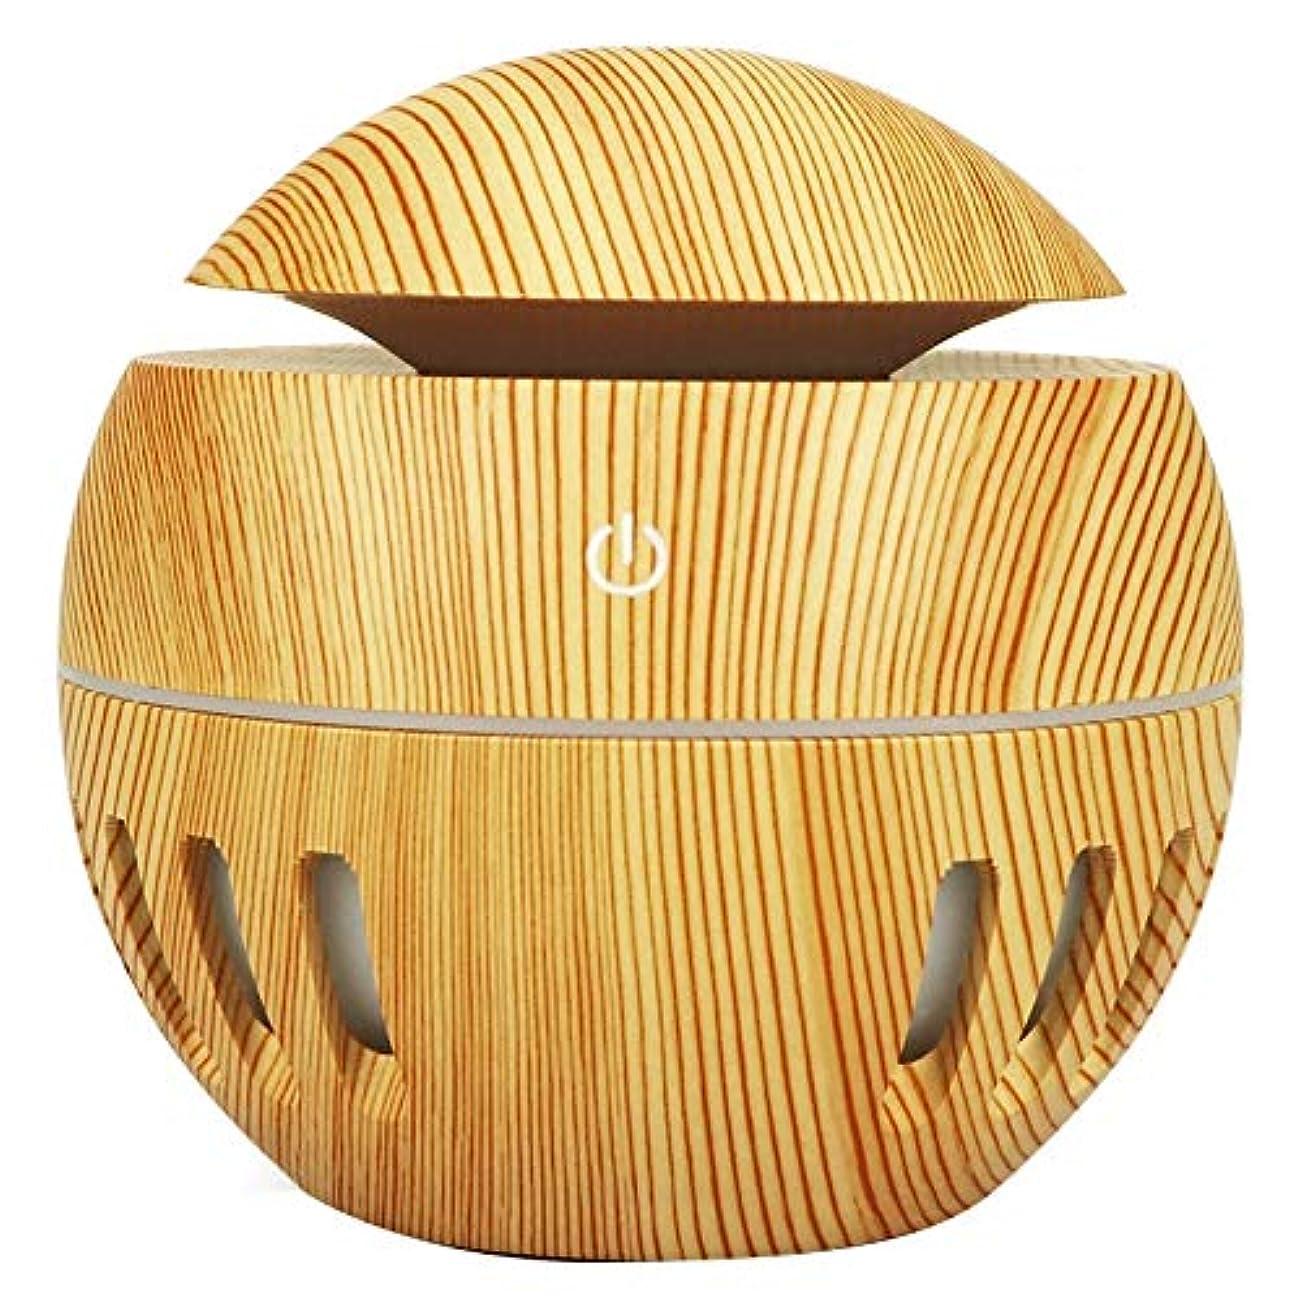 離婚レイに同意するXigeapg Usbアロマエッセンシャルオイルディフューザー 超音波霧加湿器空気清浄機 7色変更ledナイトライト オフィスホーム